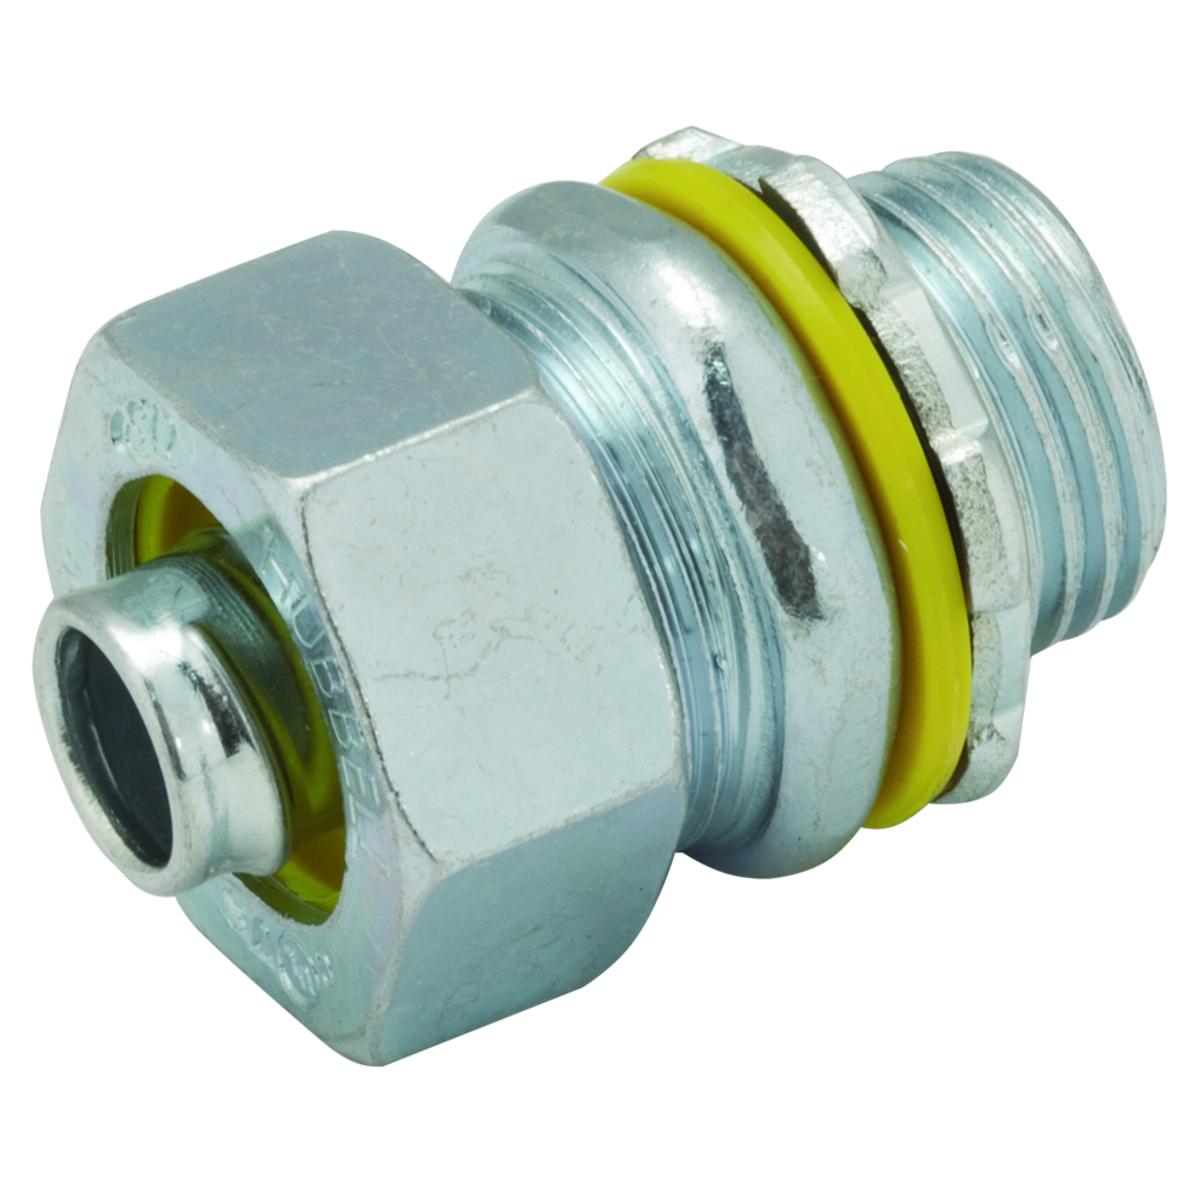 Hubbell-Raco 3514RAC Conduit Connector